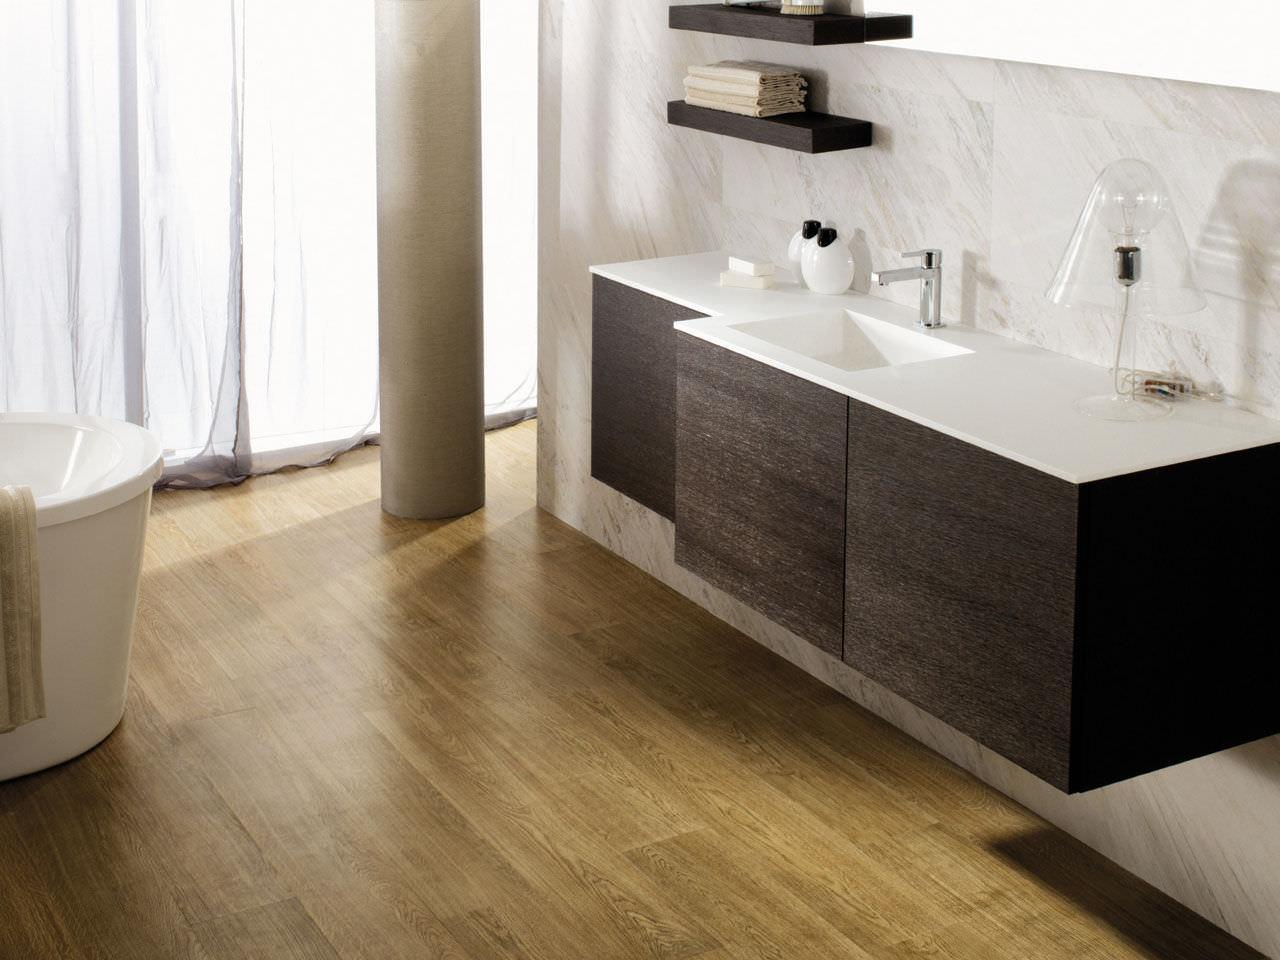 Revestimientos para baños muy recomendados -